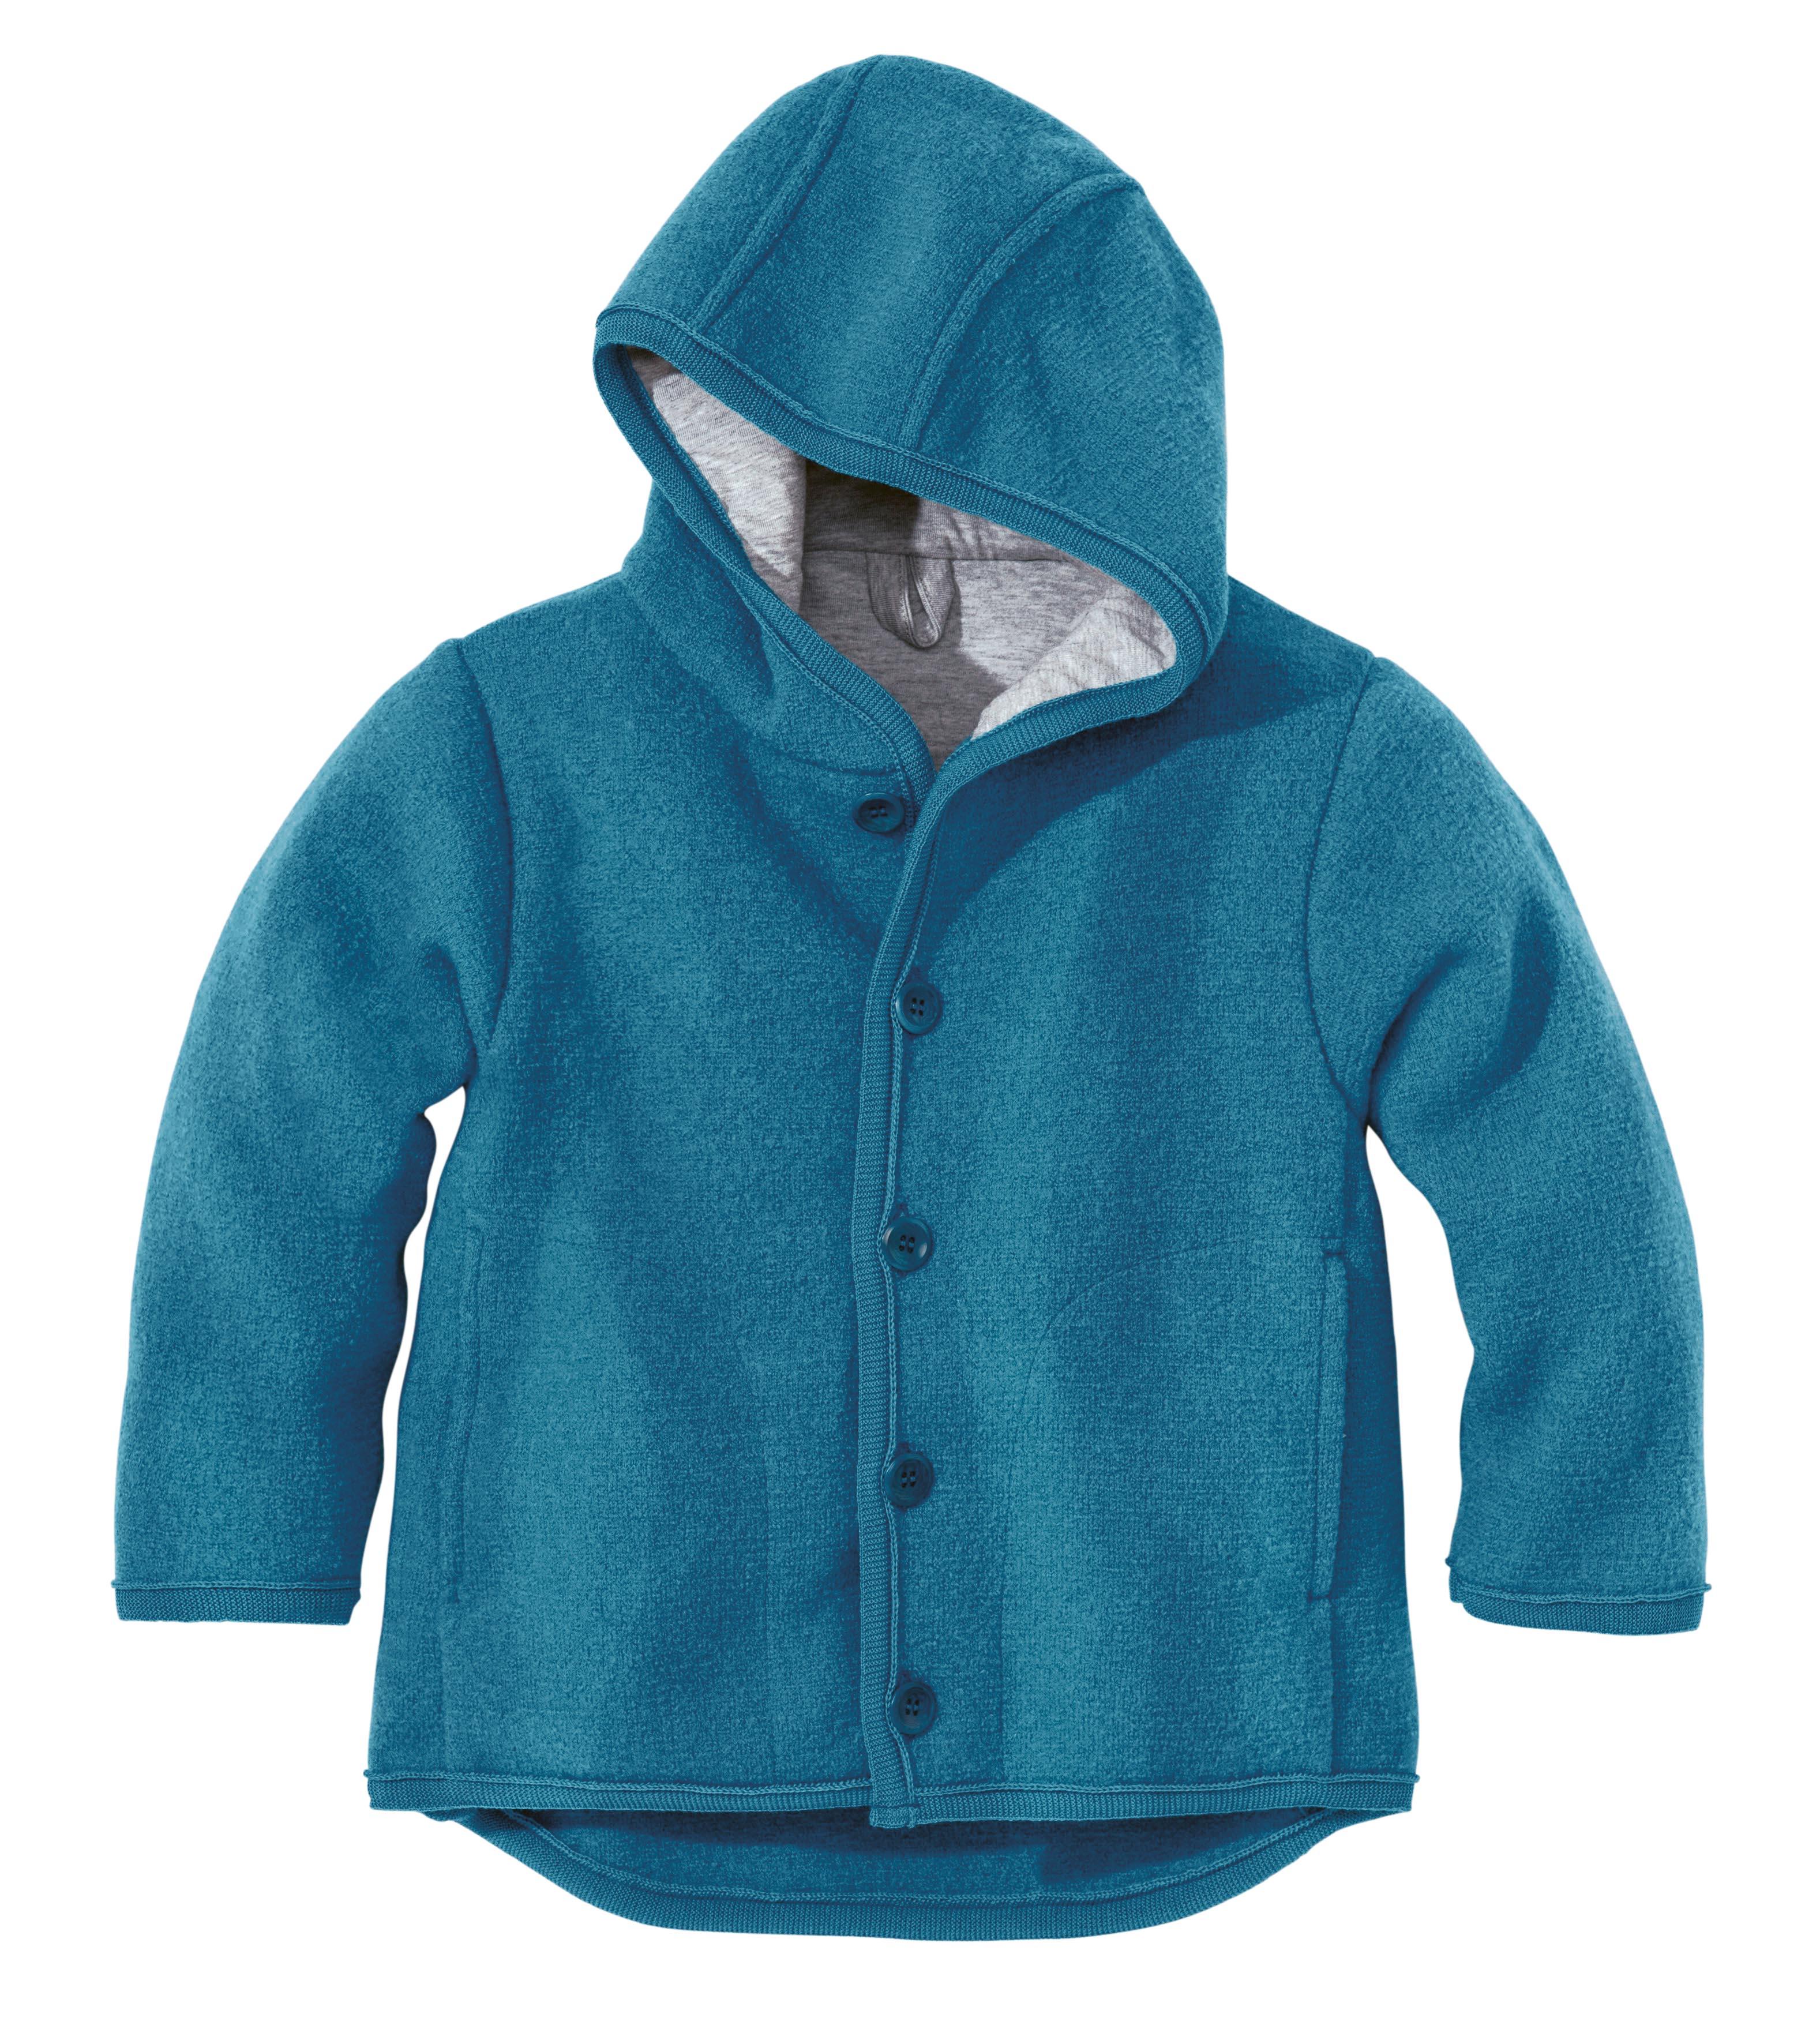 e56f82a6d95 DISANA Kabátek s kapucí merino vlna modrý